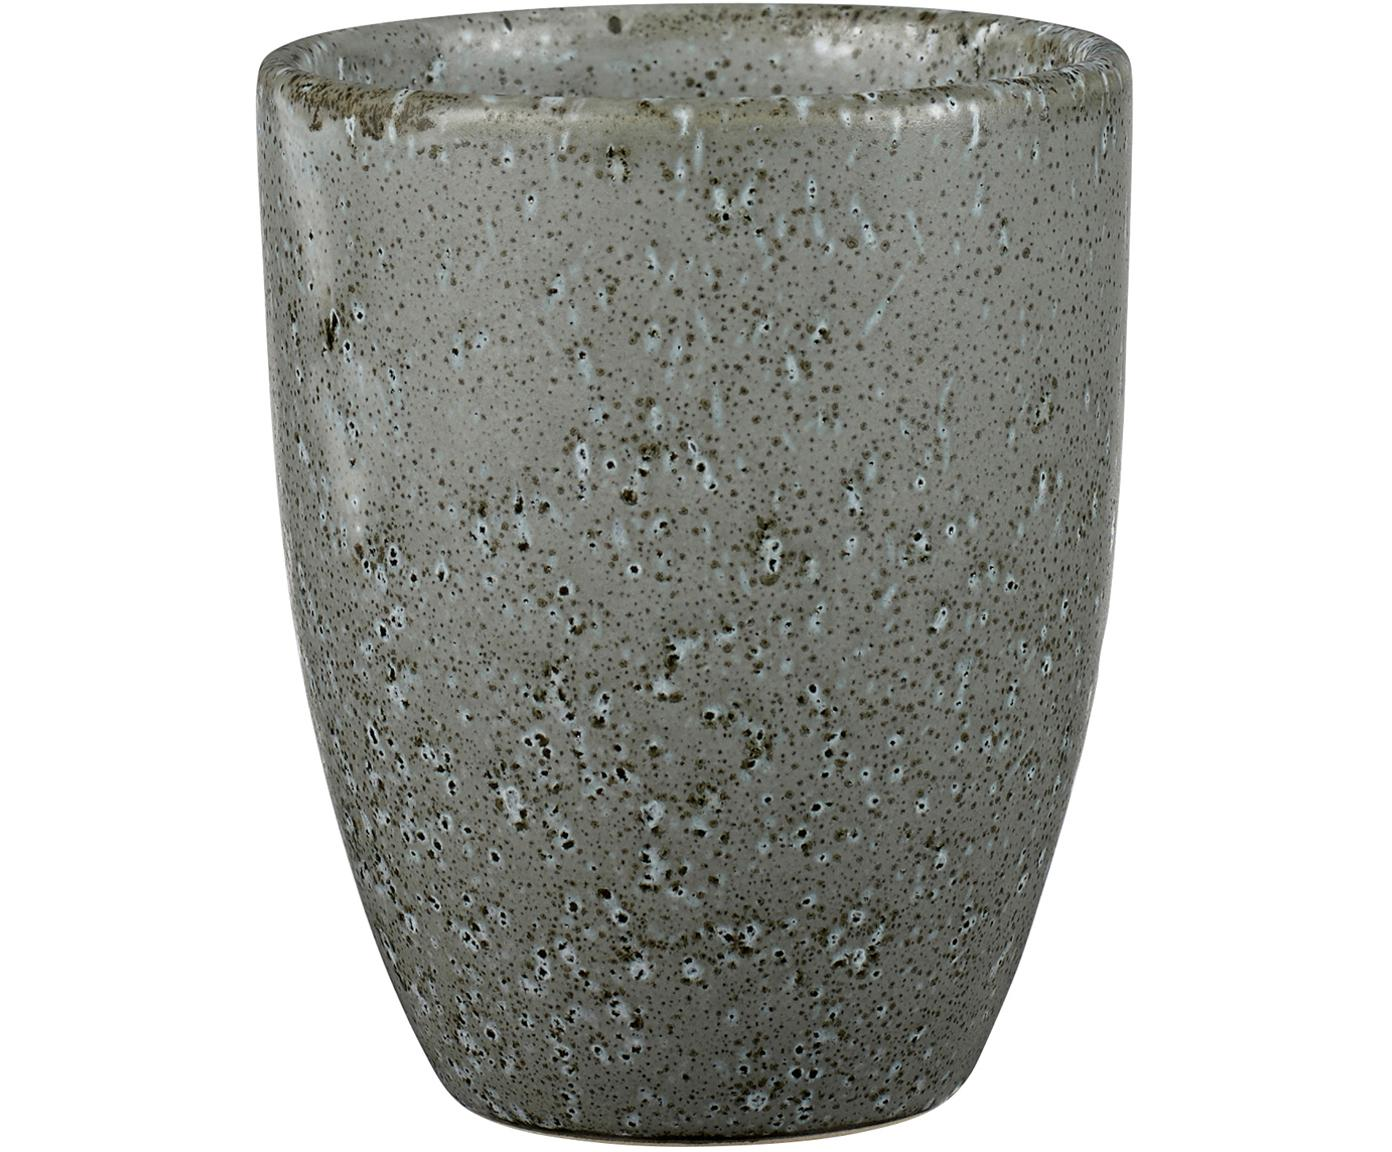 Steingut-Becher Stone mit Sprenkel-Glasur, 2 Stück, Steingut, glasiert, Grau, Ø 8 x H 10 cm